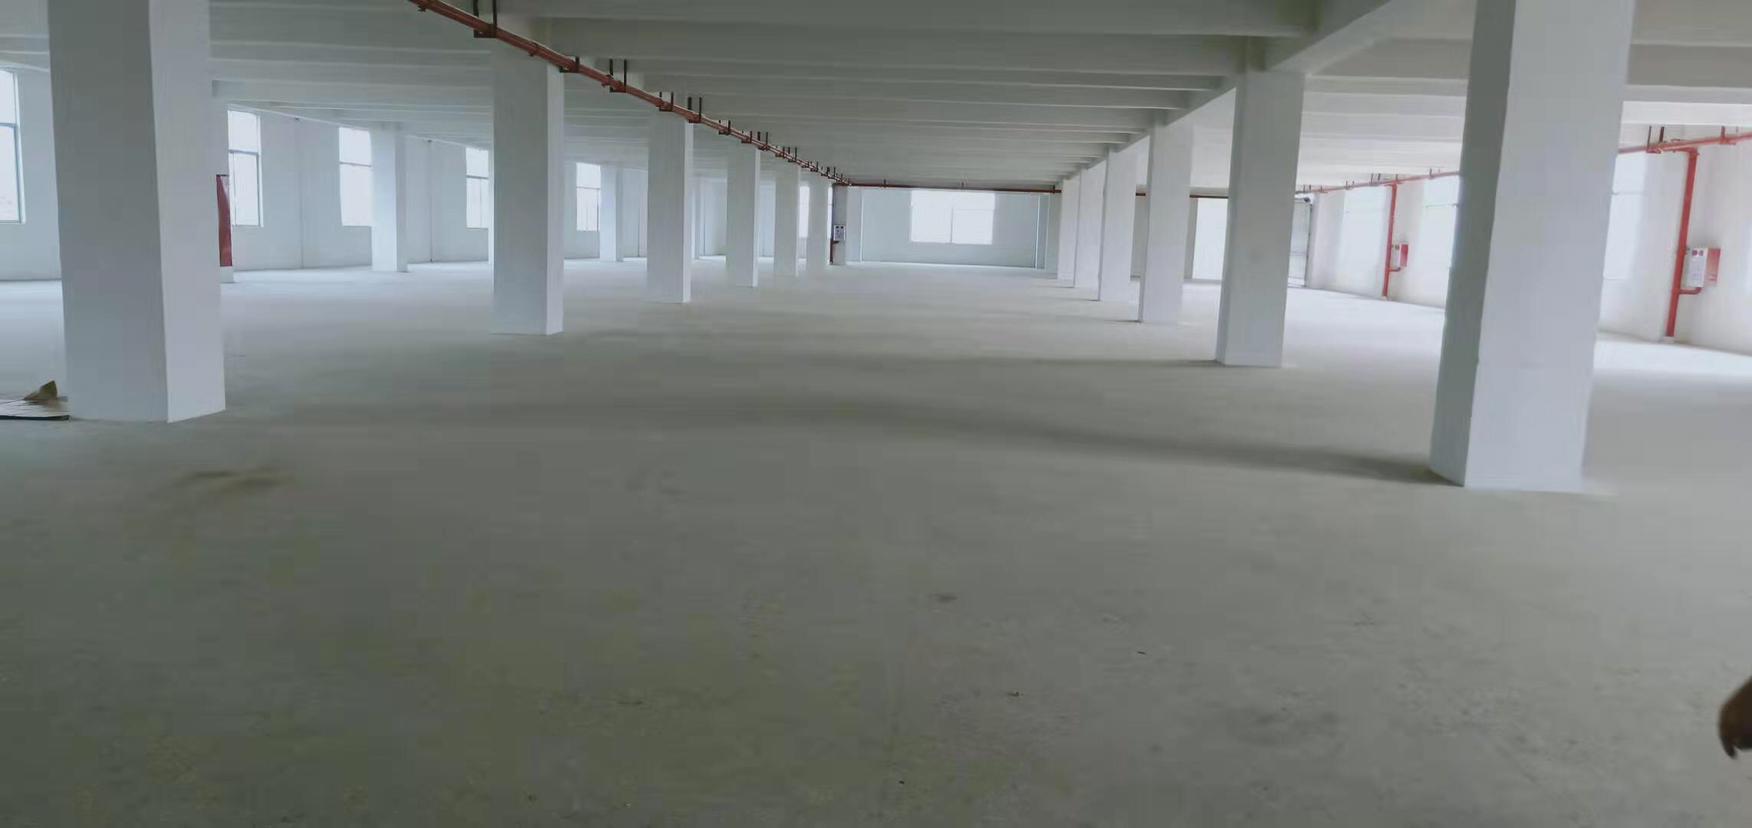 深圳成熟工业园1200平带独立产权证单层厂房出售